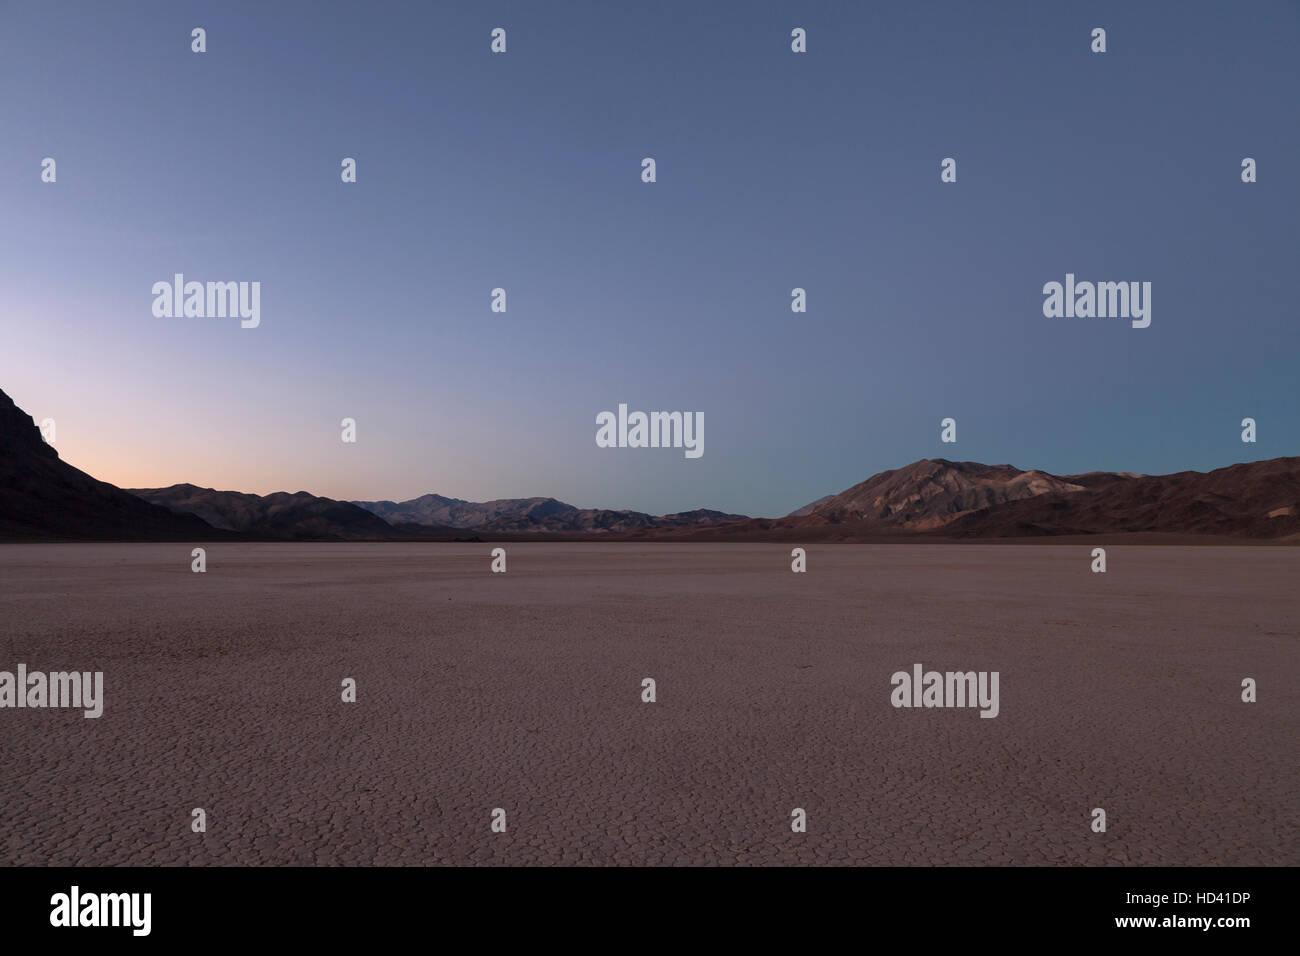 Abenddämmerung auf dem Racetrack Playa in Death Valley Nationalpark. Das Racetrack Playa ist bekannt für Stockbild